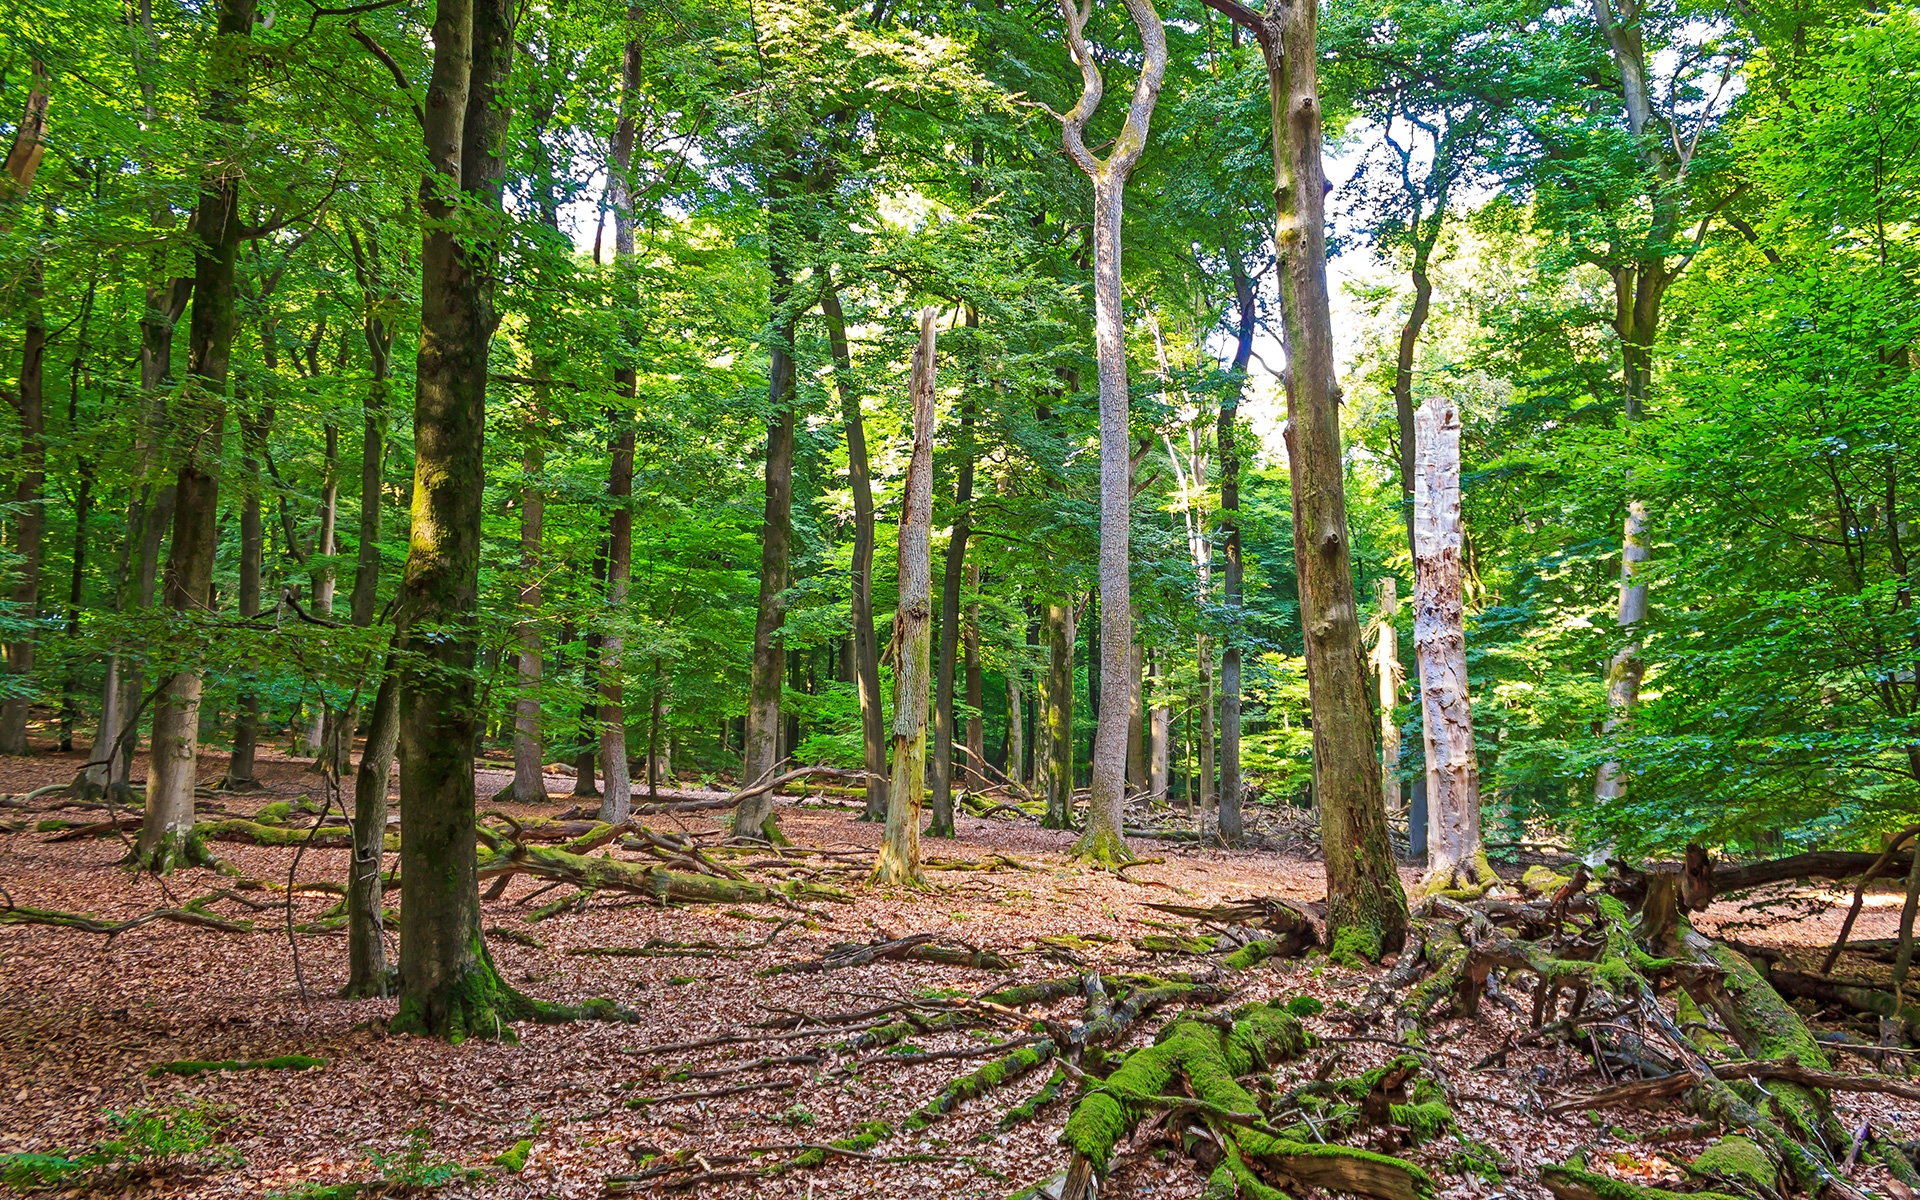 Totholzreichtum in unbewirtschaftetem Wald